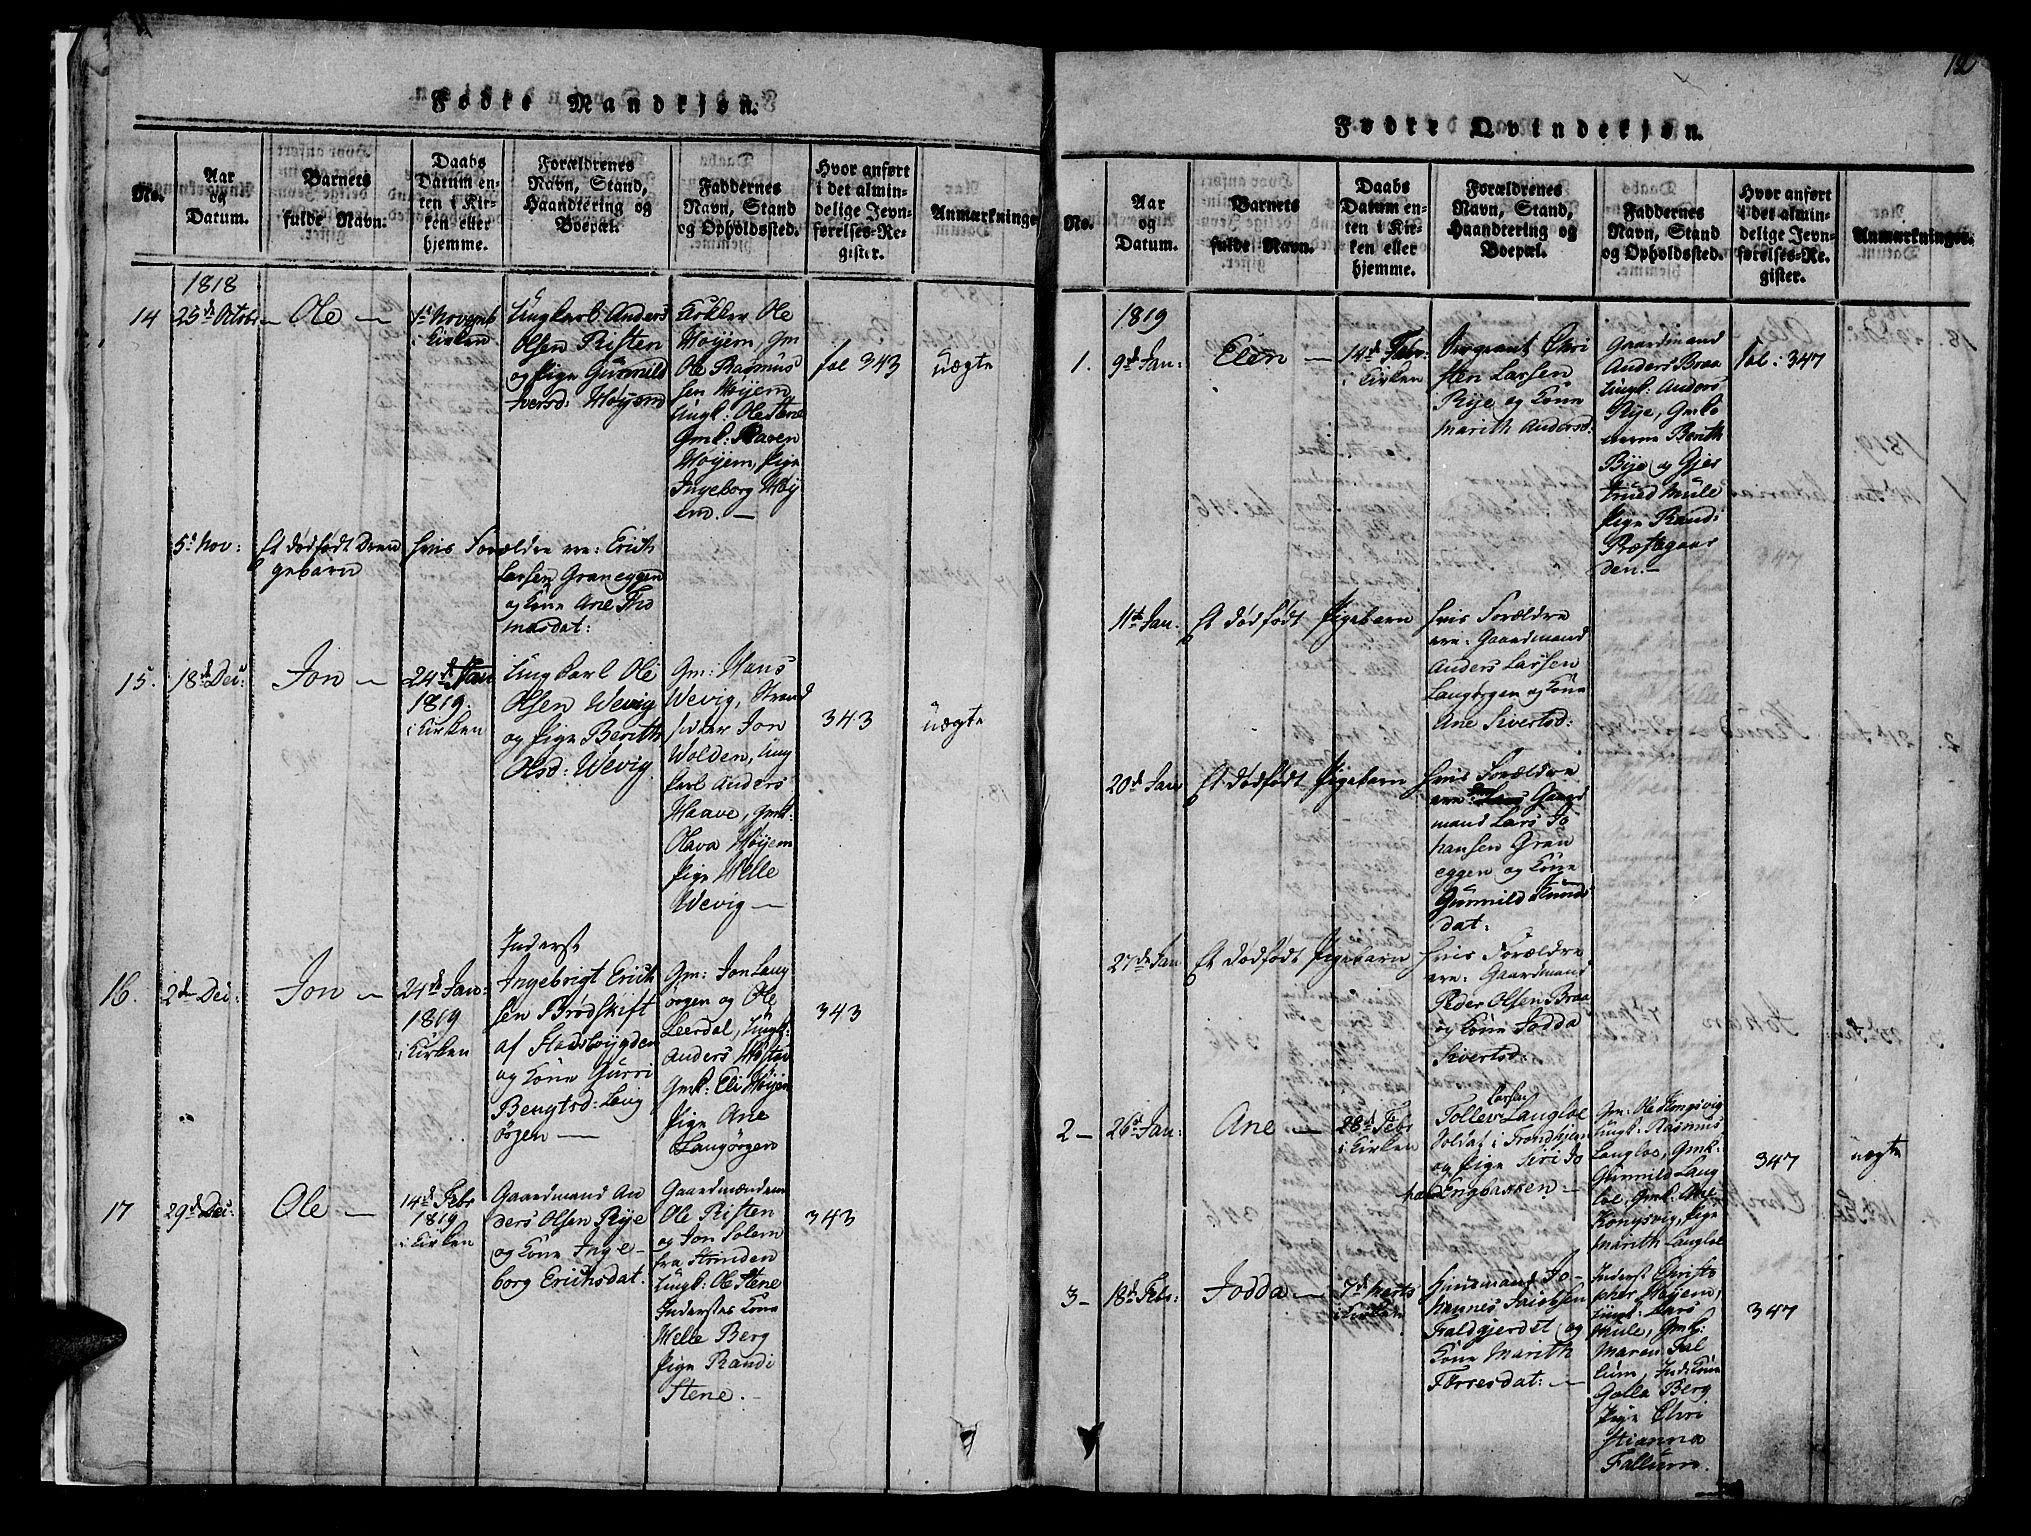 SAT, Ministerialprotokoller, klokkerbøker og fødselsregistre - Sør-Trøndelag, 612/L0372: Ministerialbok nr. 612A06 /1, 1816-1828, s. 12